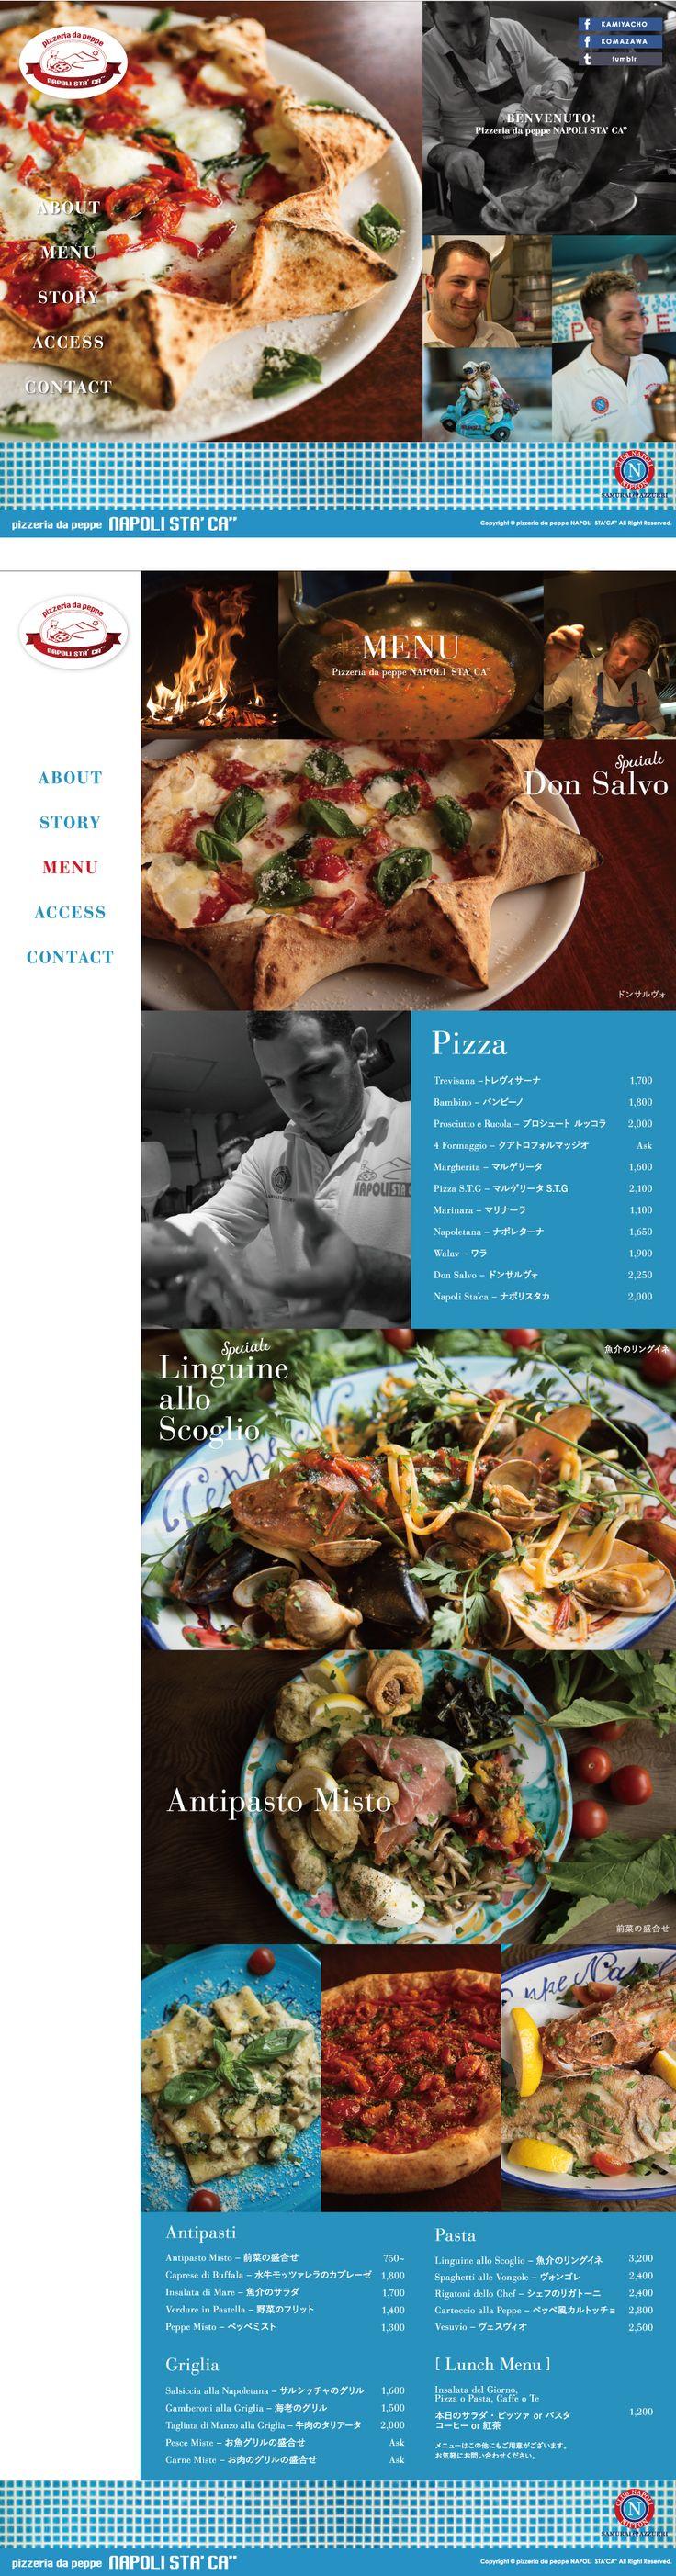 『Pizzeria da peppe NAPOLI STA' CA'' 』 web design